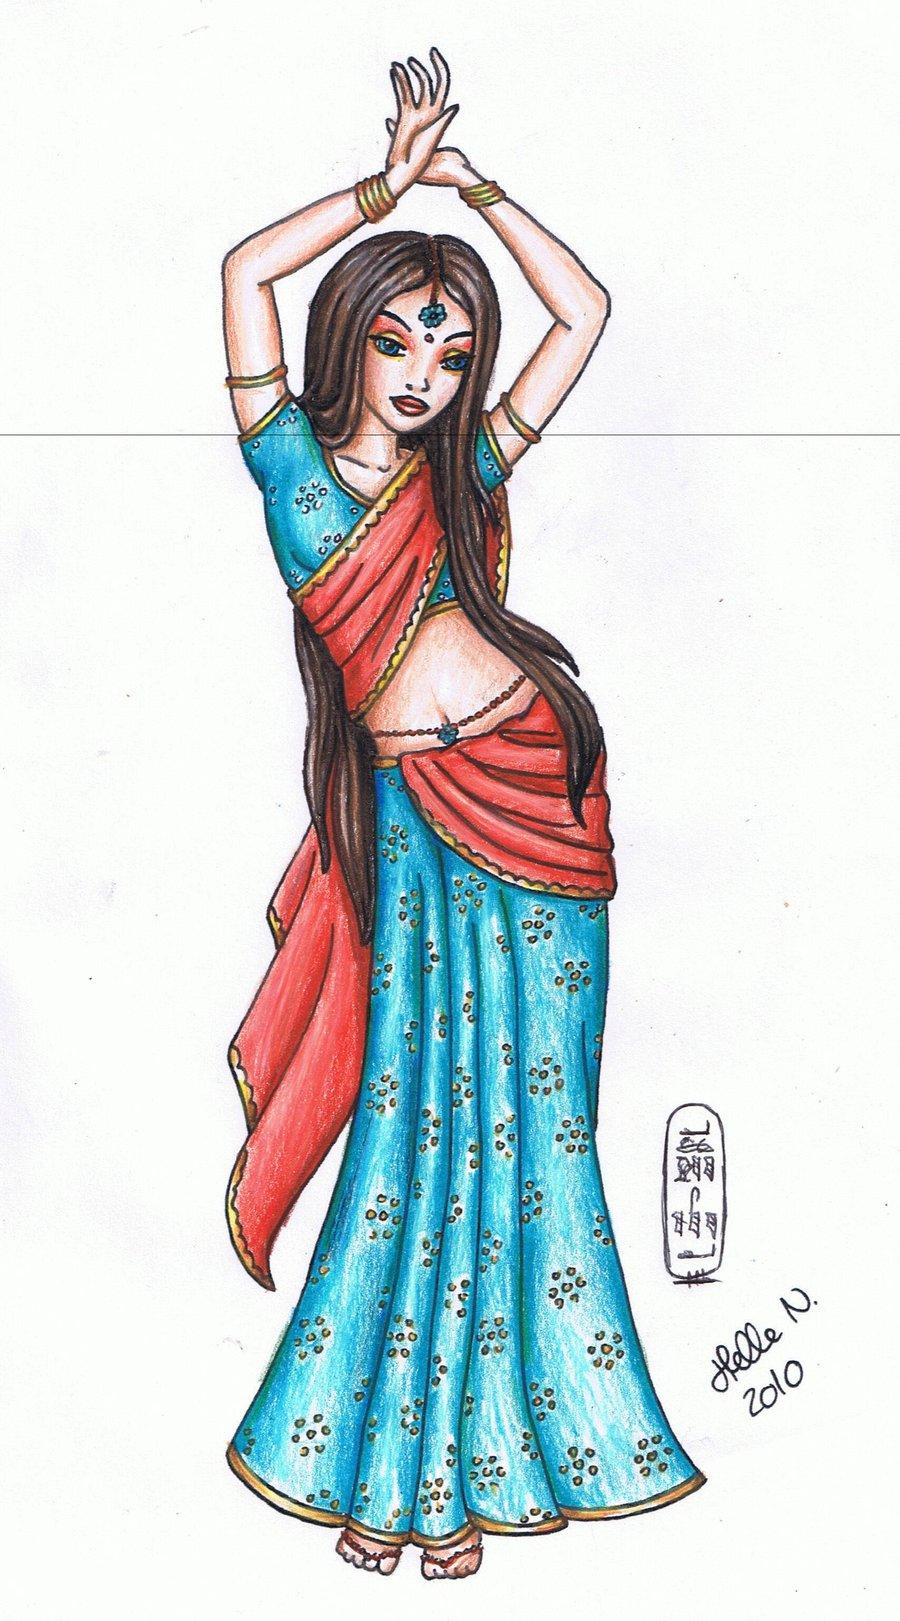 Saree clipart bollywood dancing Indian drawing girl indian an